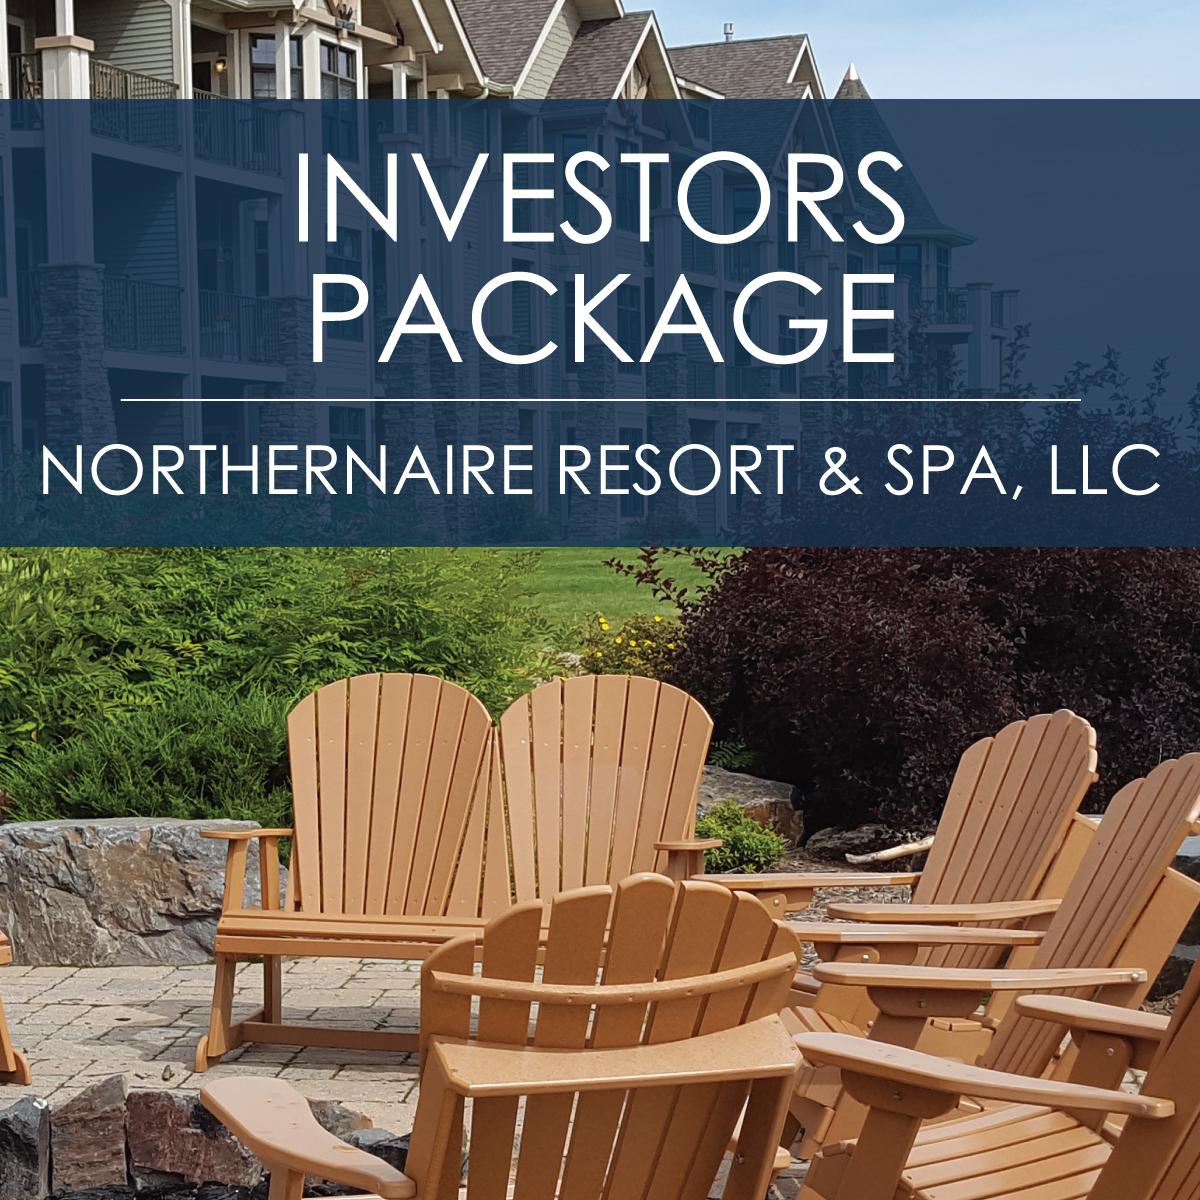 Northernaire-Investor-Package.jpg